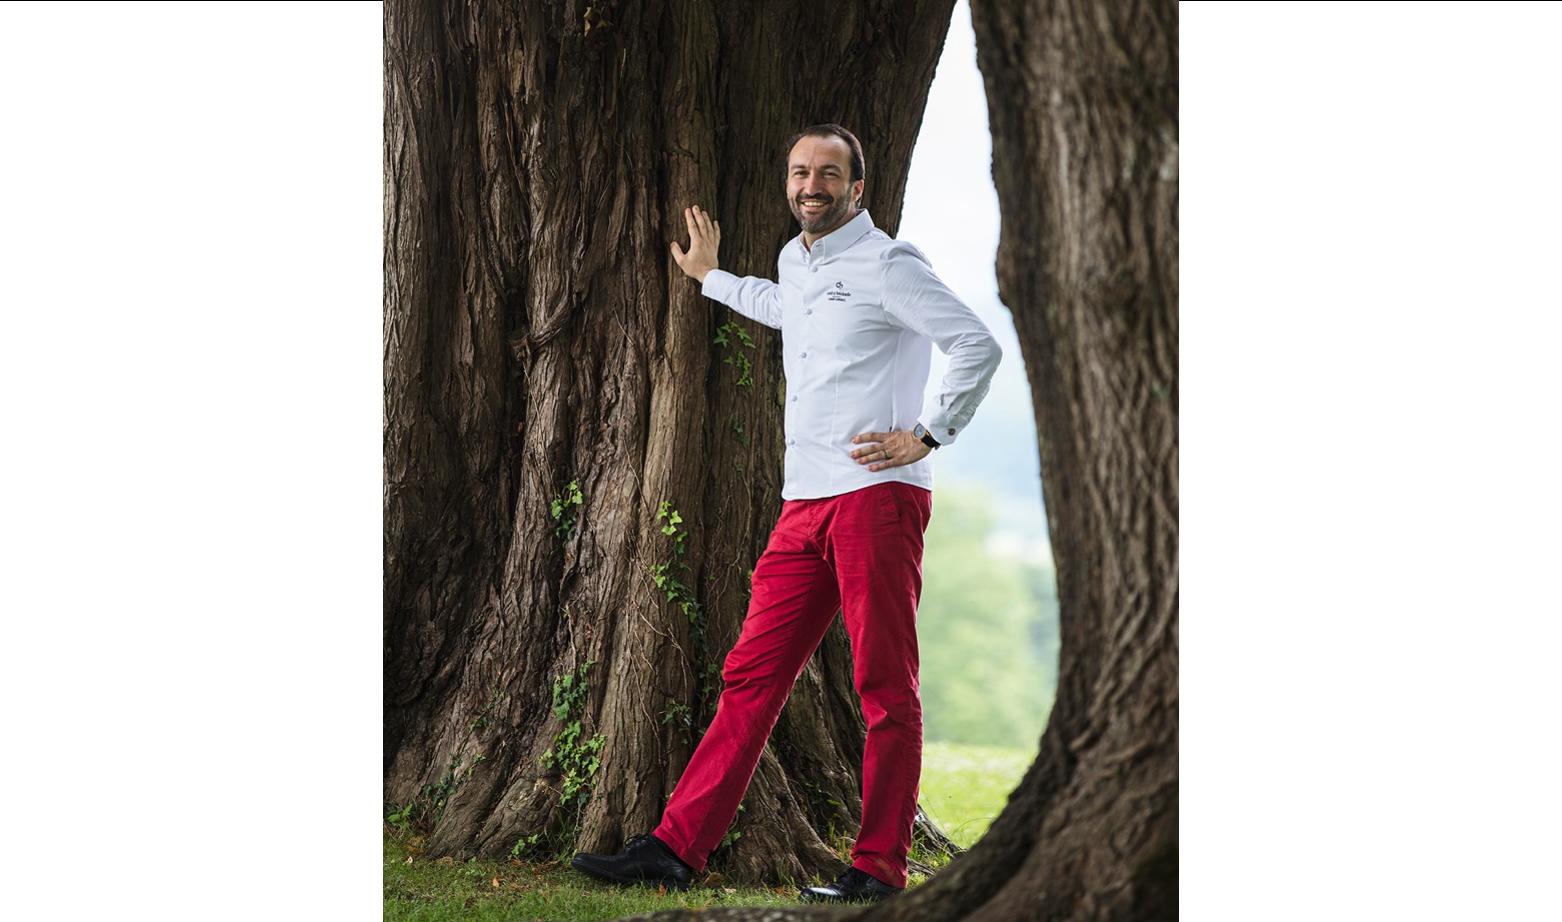 Cédric Béchade, Référent et Restaurant de Qualité à L'Auberge Basque en Aquitaine